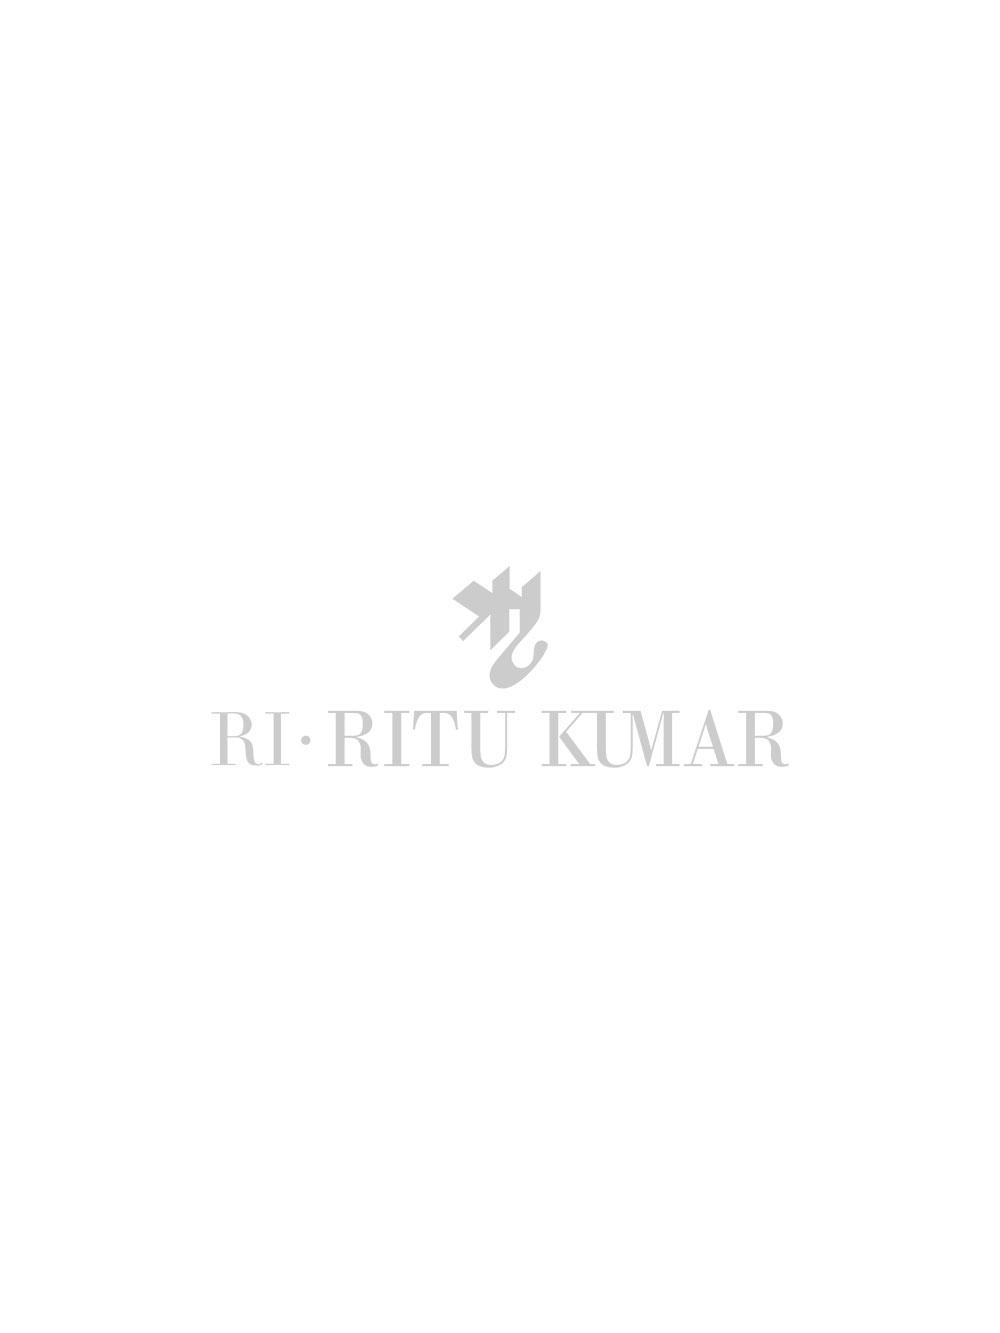 Khaki and Beige Floral Churidar Suit